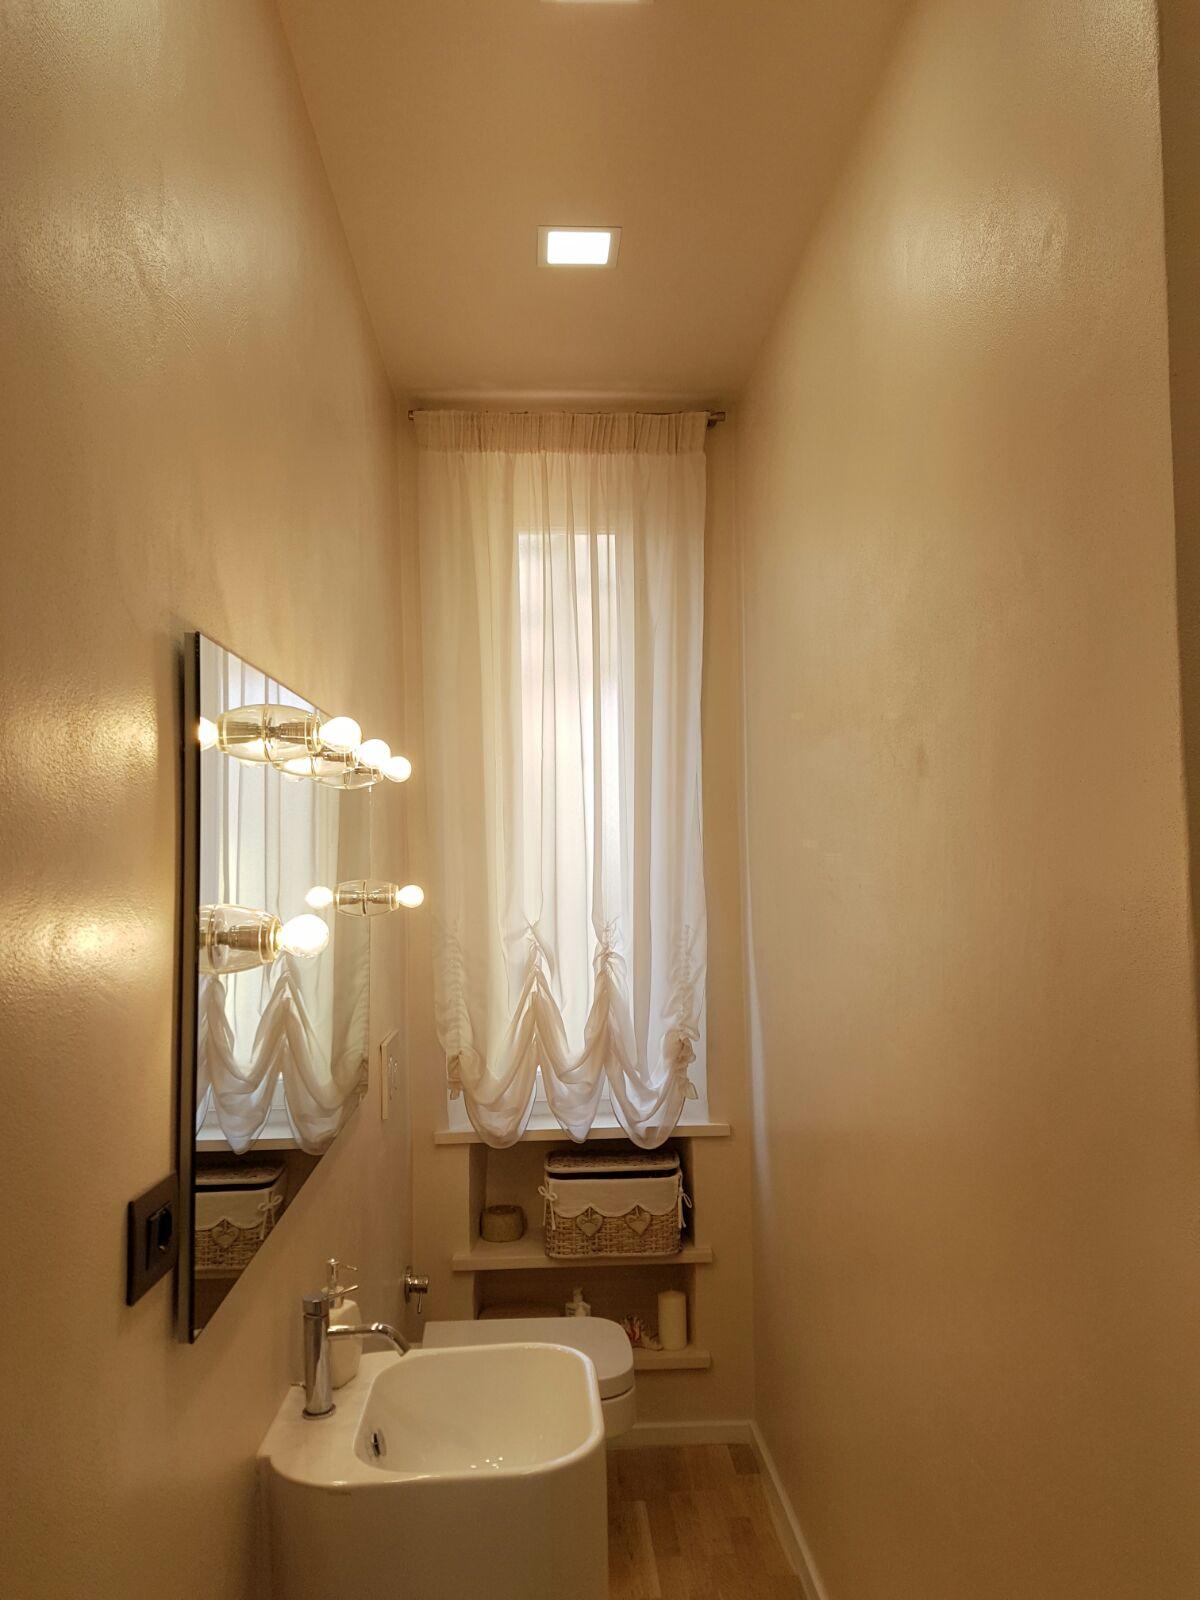 Tende per finestre del bagno i modelli pi pratici e - Tende classiche per bagno ...